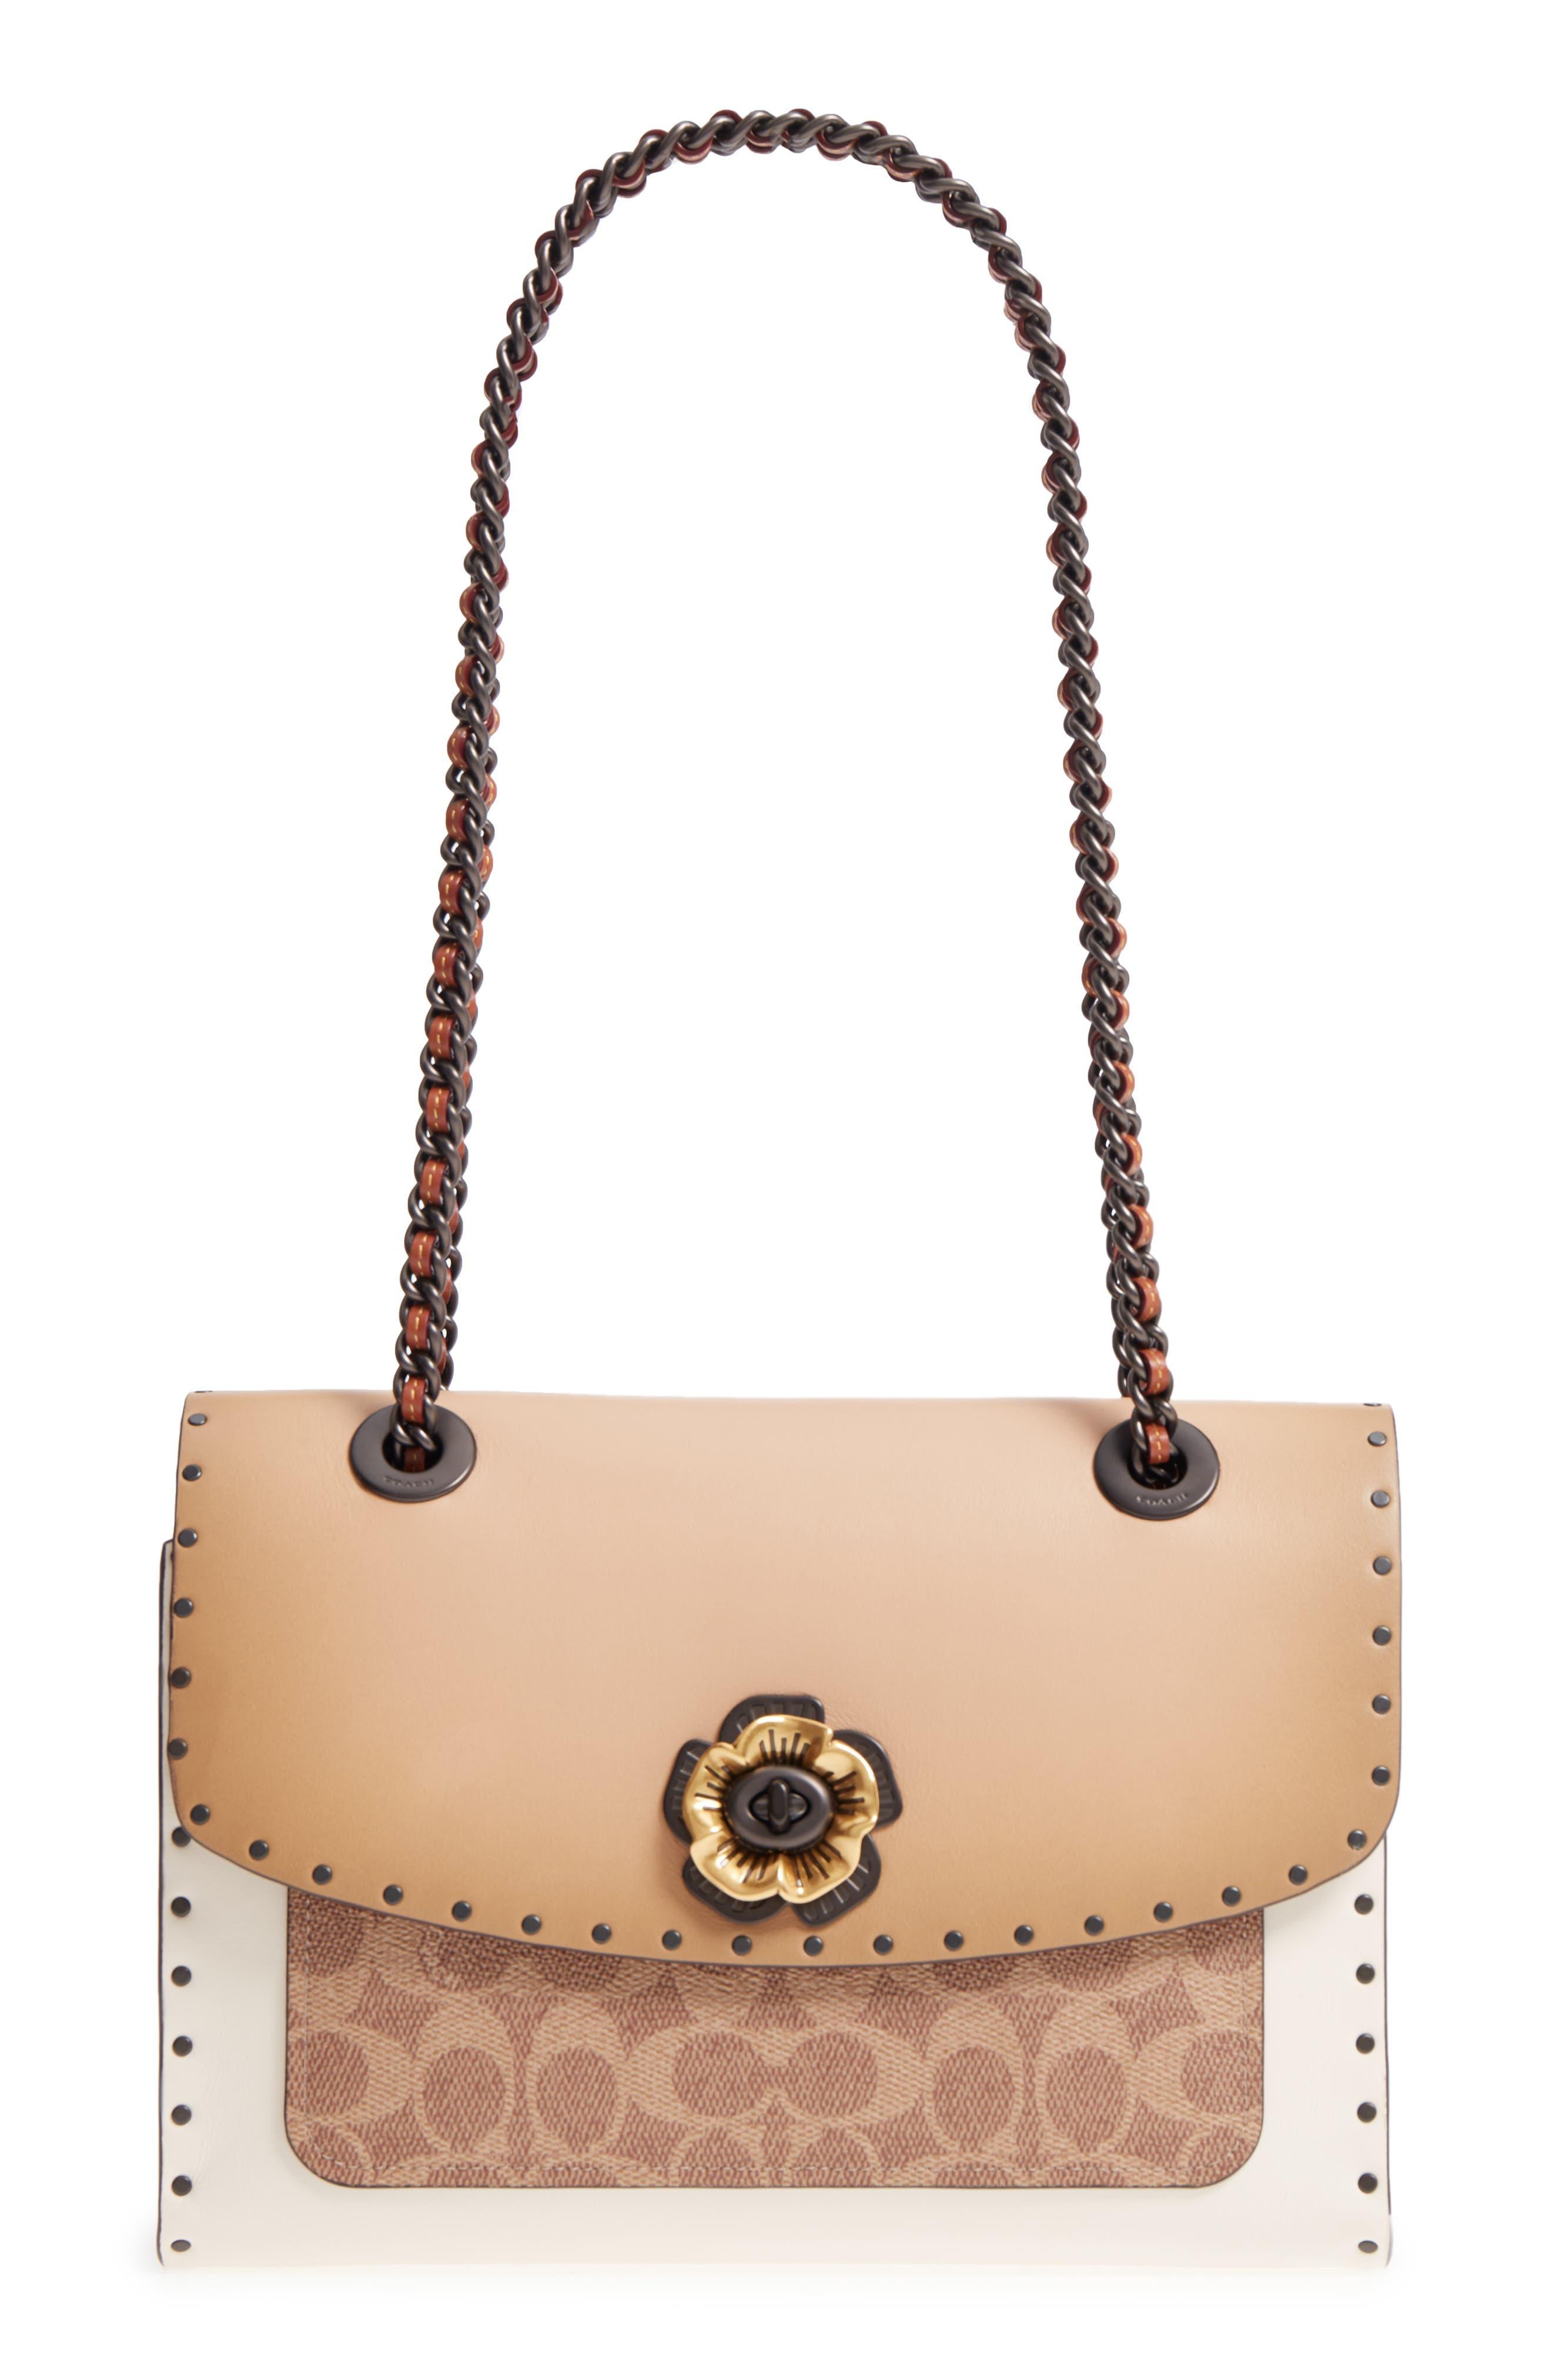 COACH Parker Leather & Genuine Snakeskin Shoulder Bag